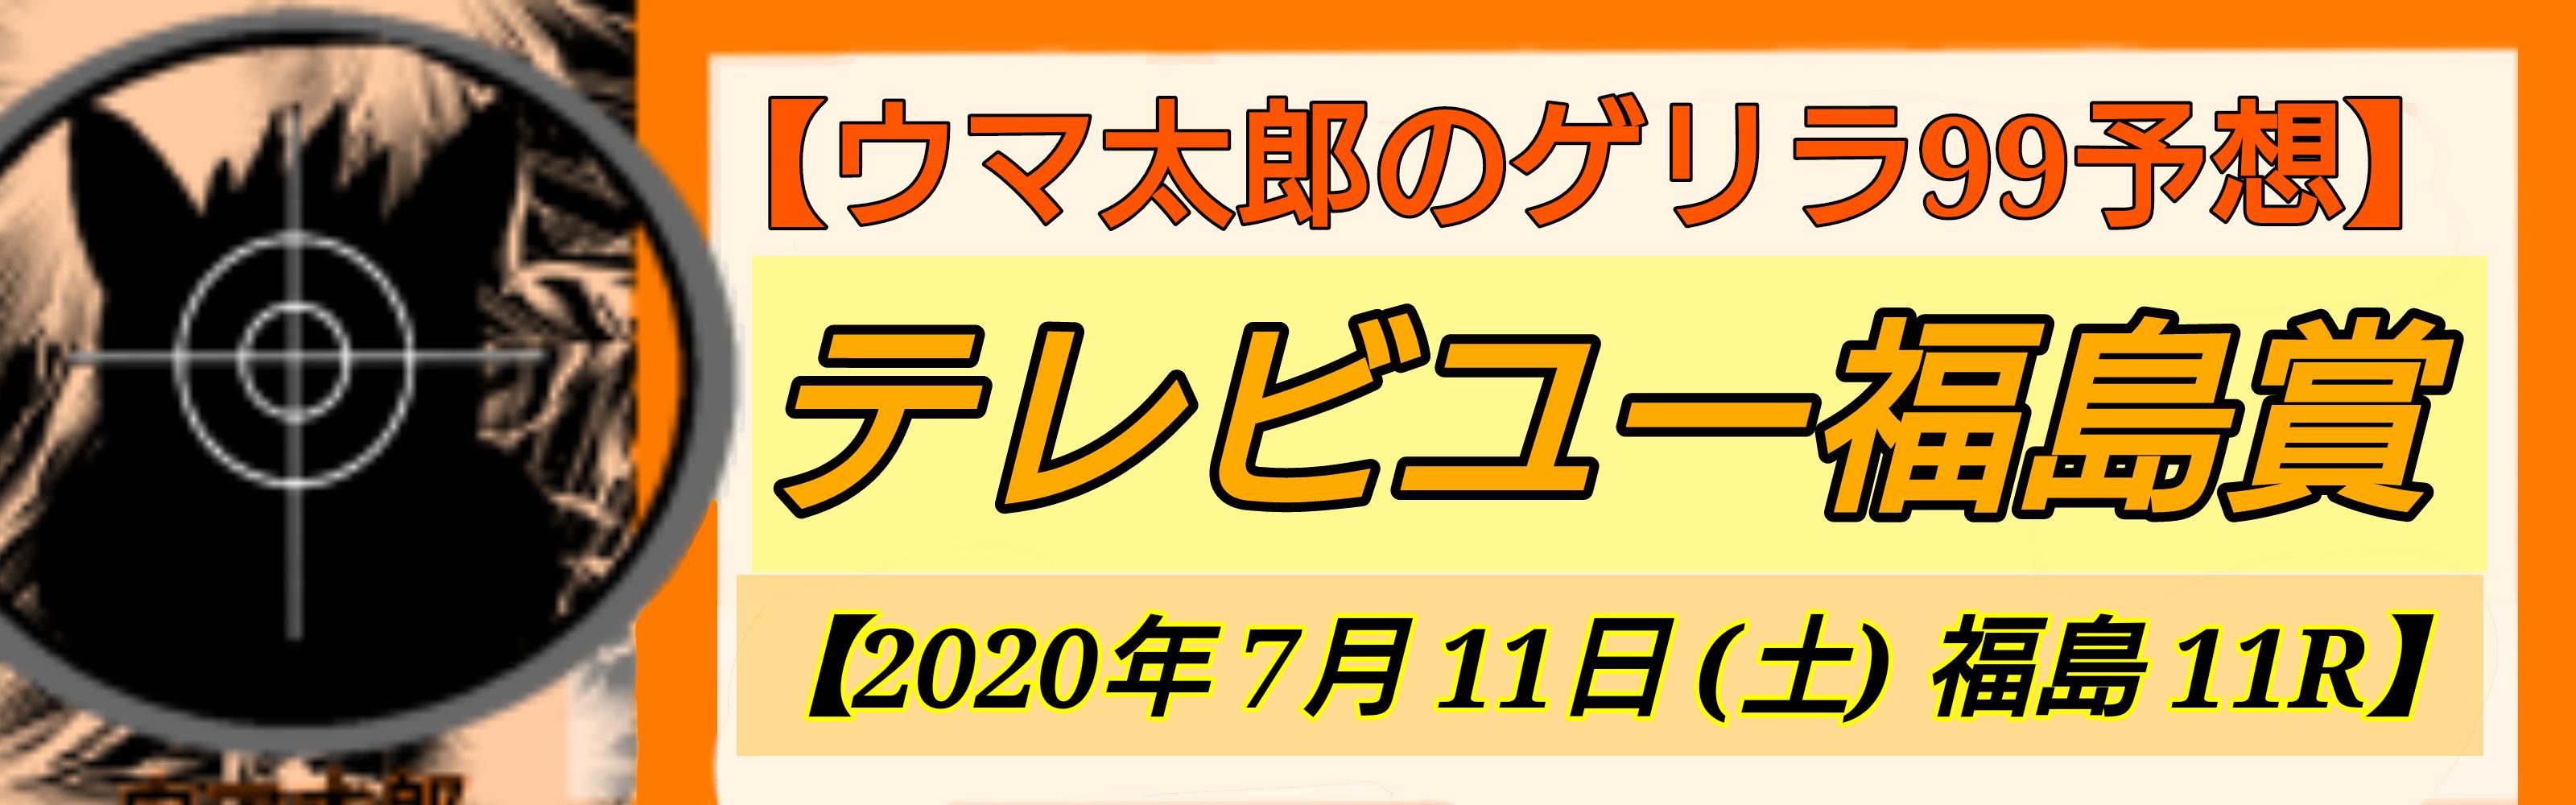 ゲリラ99予想 テレビユー福島賞